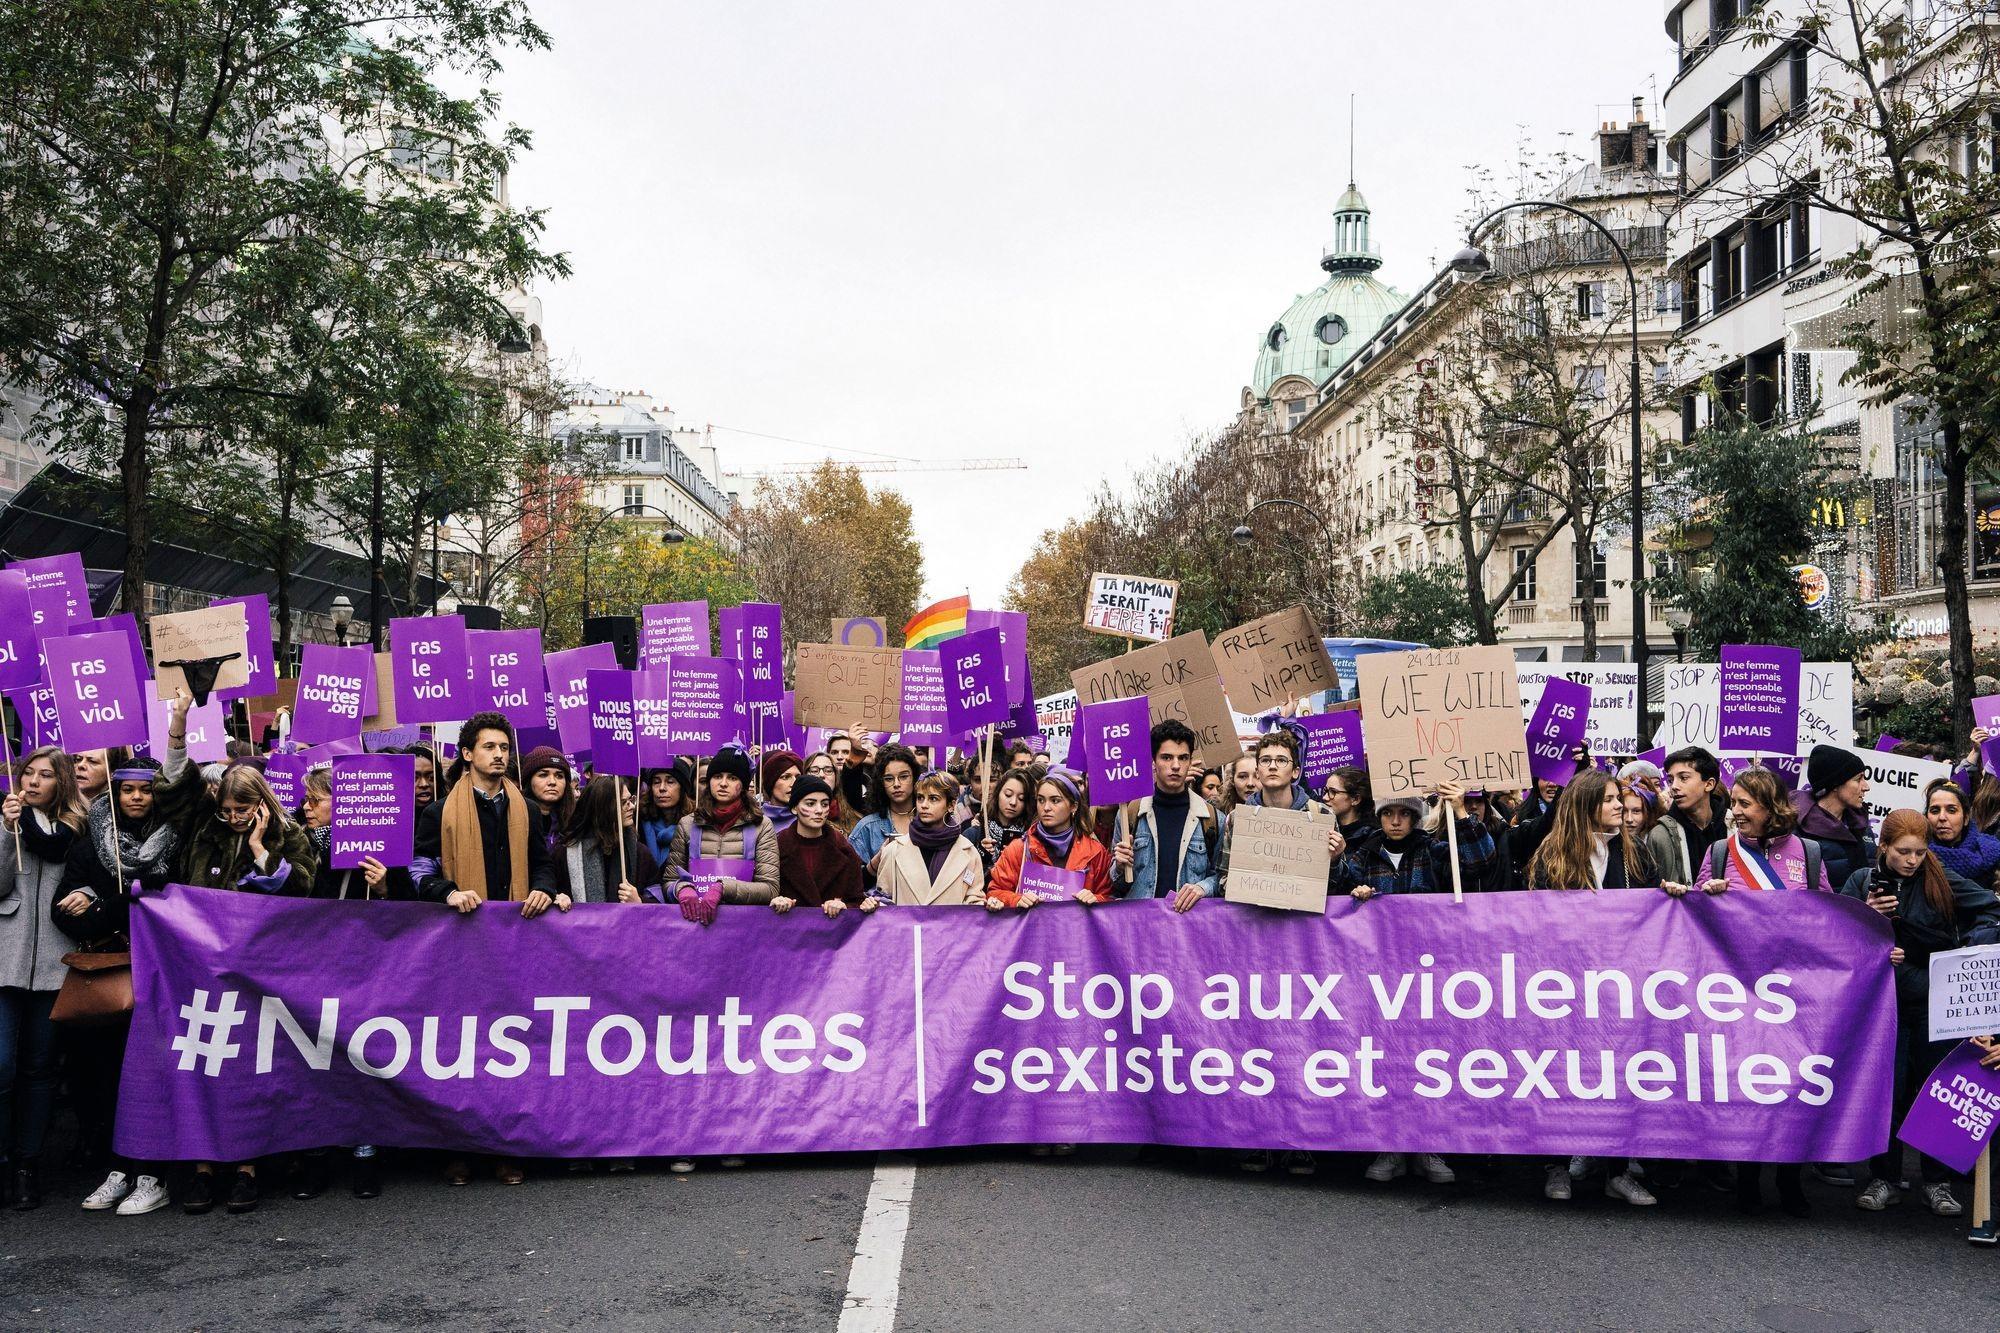 Manifestation contre les violences sexistes et sexuelles (Paris, novembre 2018)